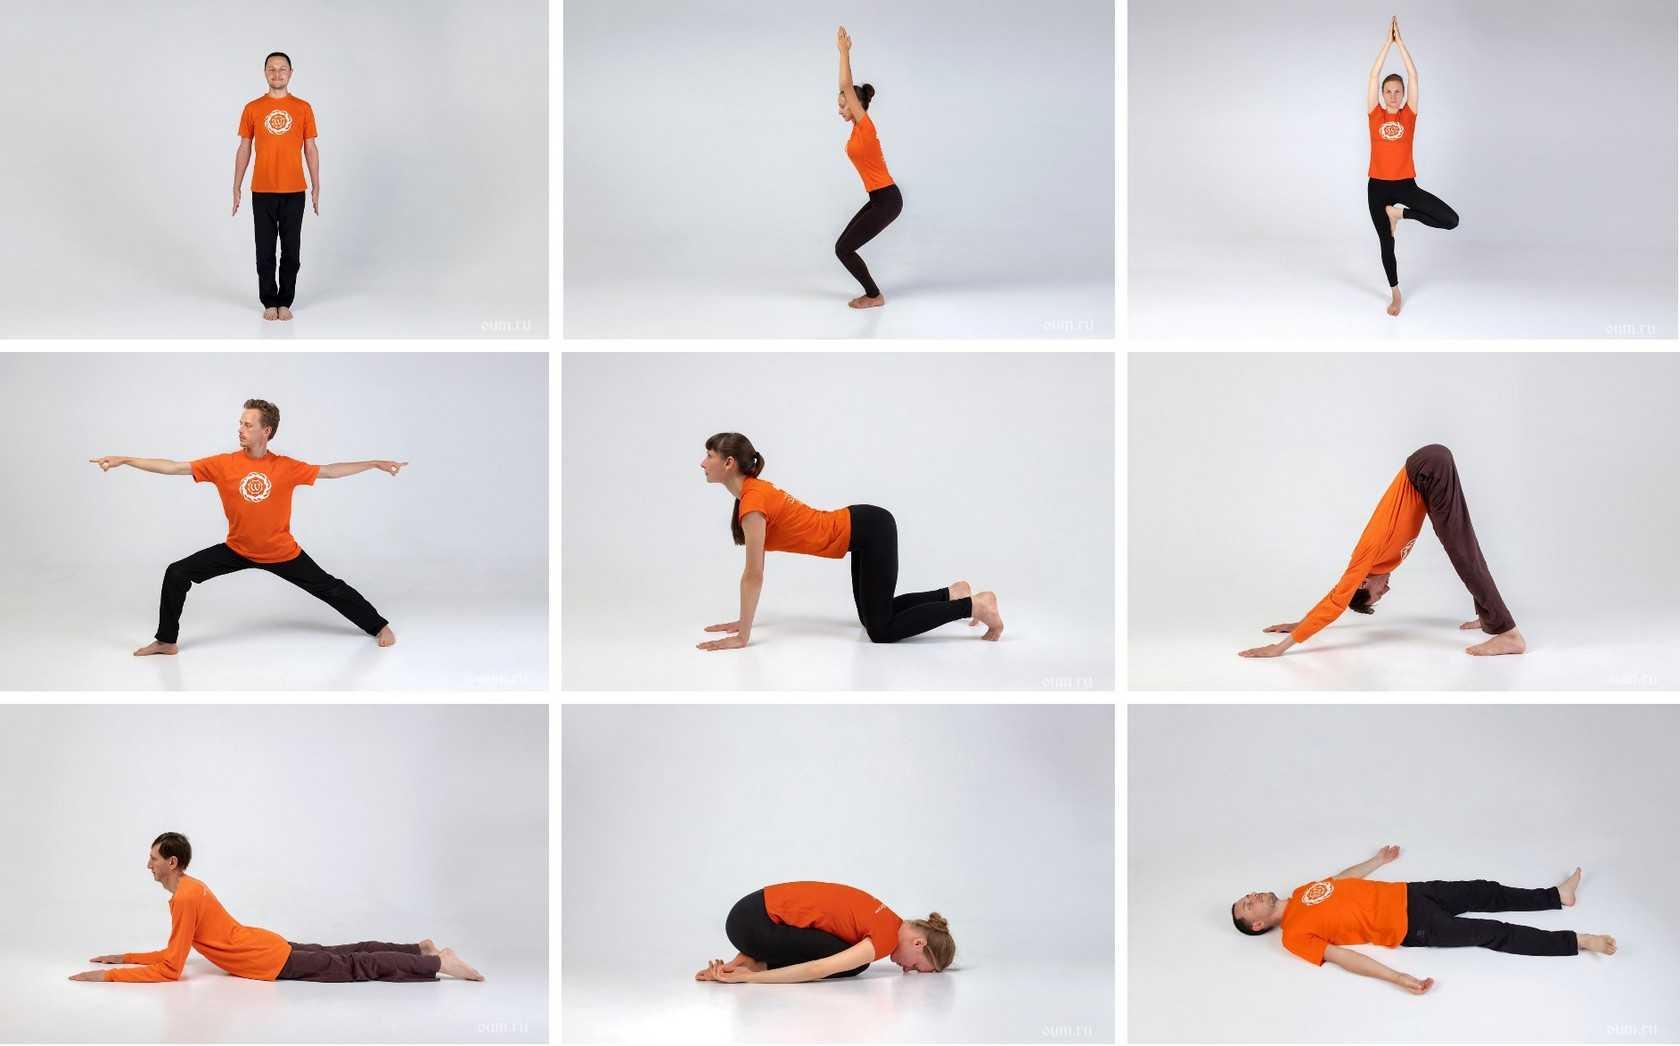 Йога для начинающих в домашних условиях: упражнения, позы, уроки для начинающих